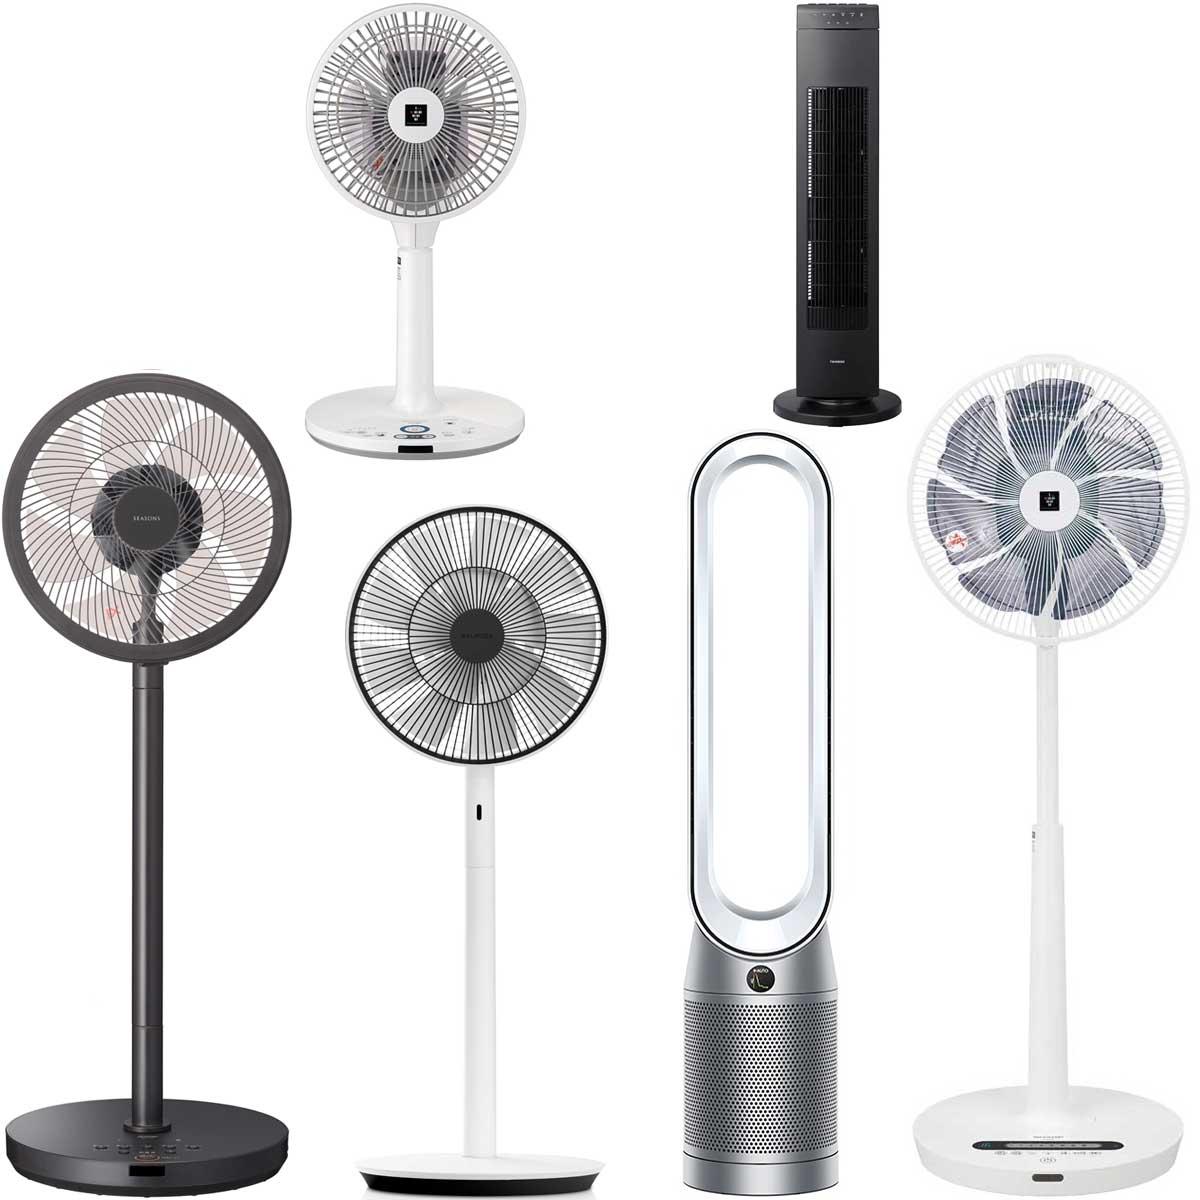 《2019年》今、人気の扇風機はこれだ! 定番から話題の高級機種まで